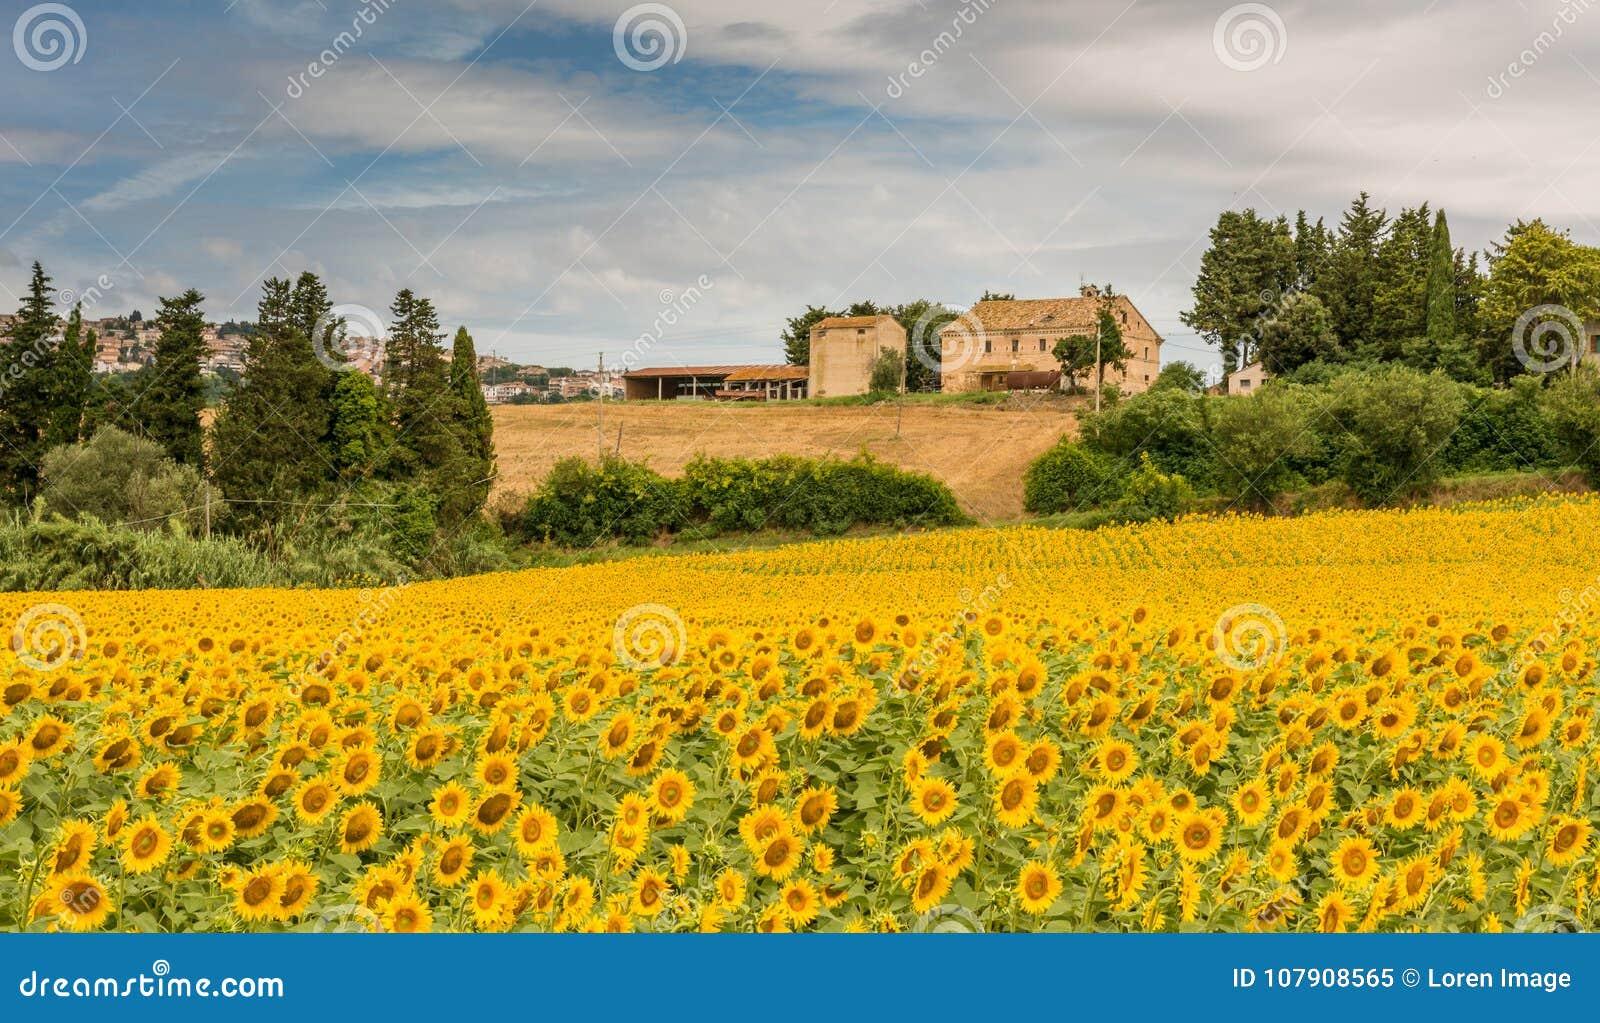 Paysage rural d été avec des gisements de tournesol et des champs olives près de Porto Recanati dans la région de la Marche, Ital